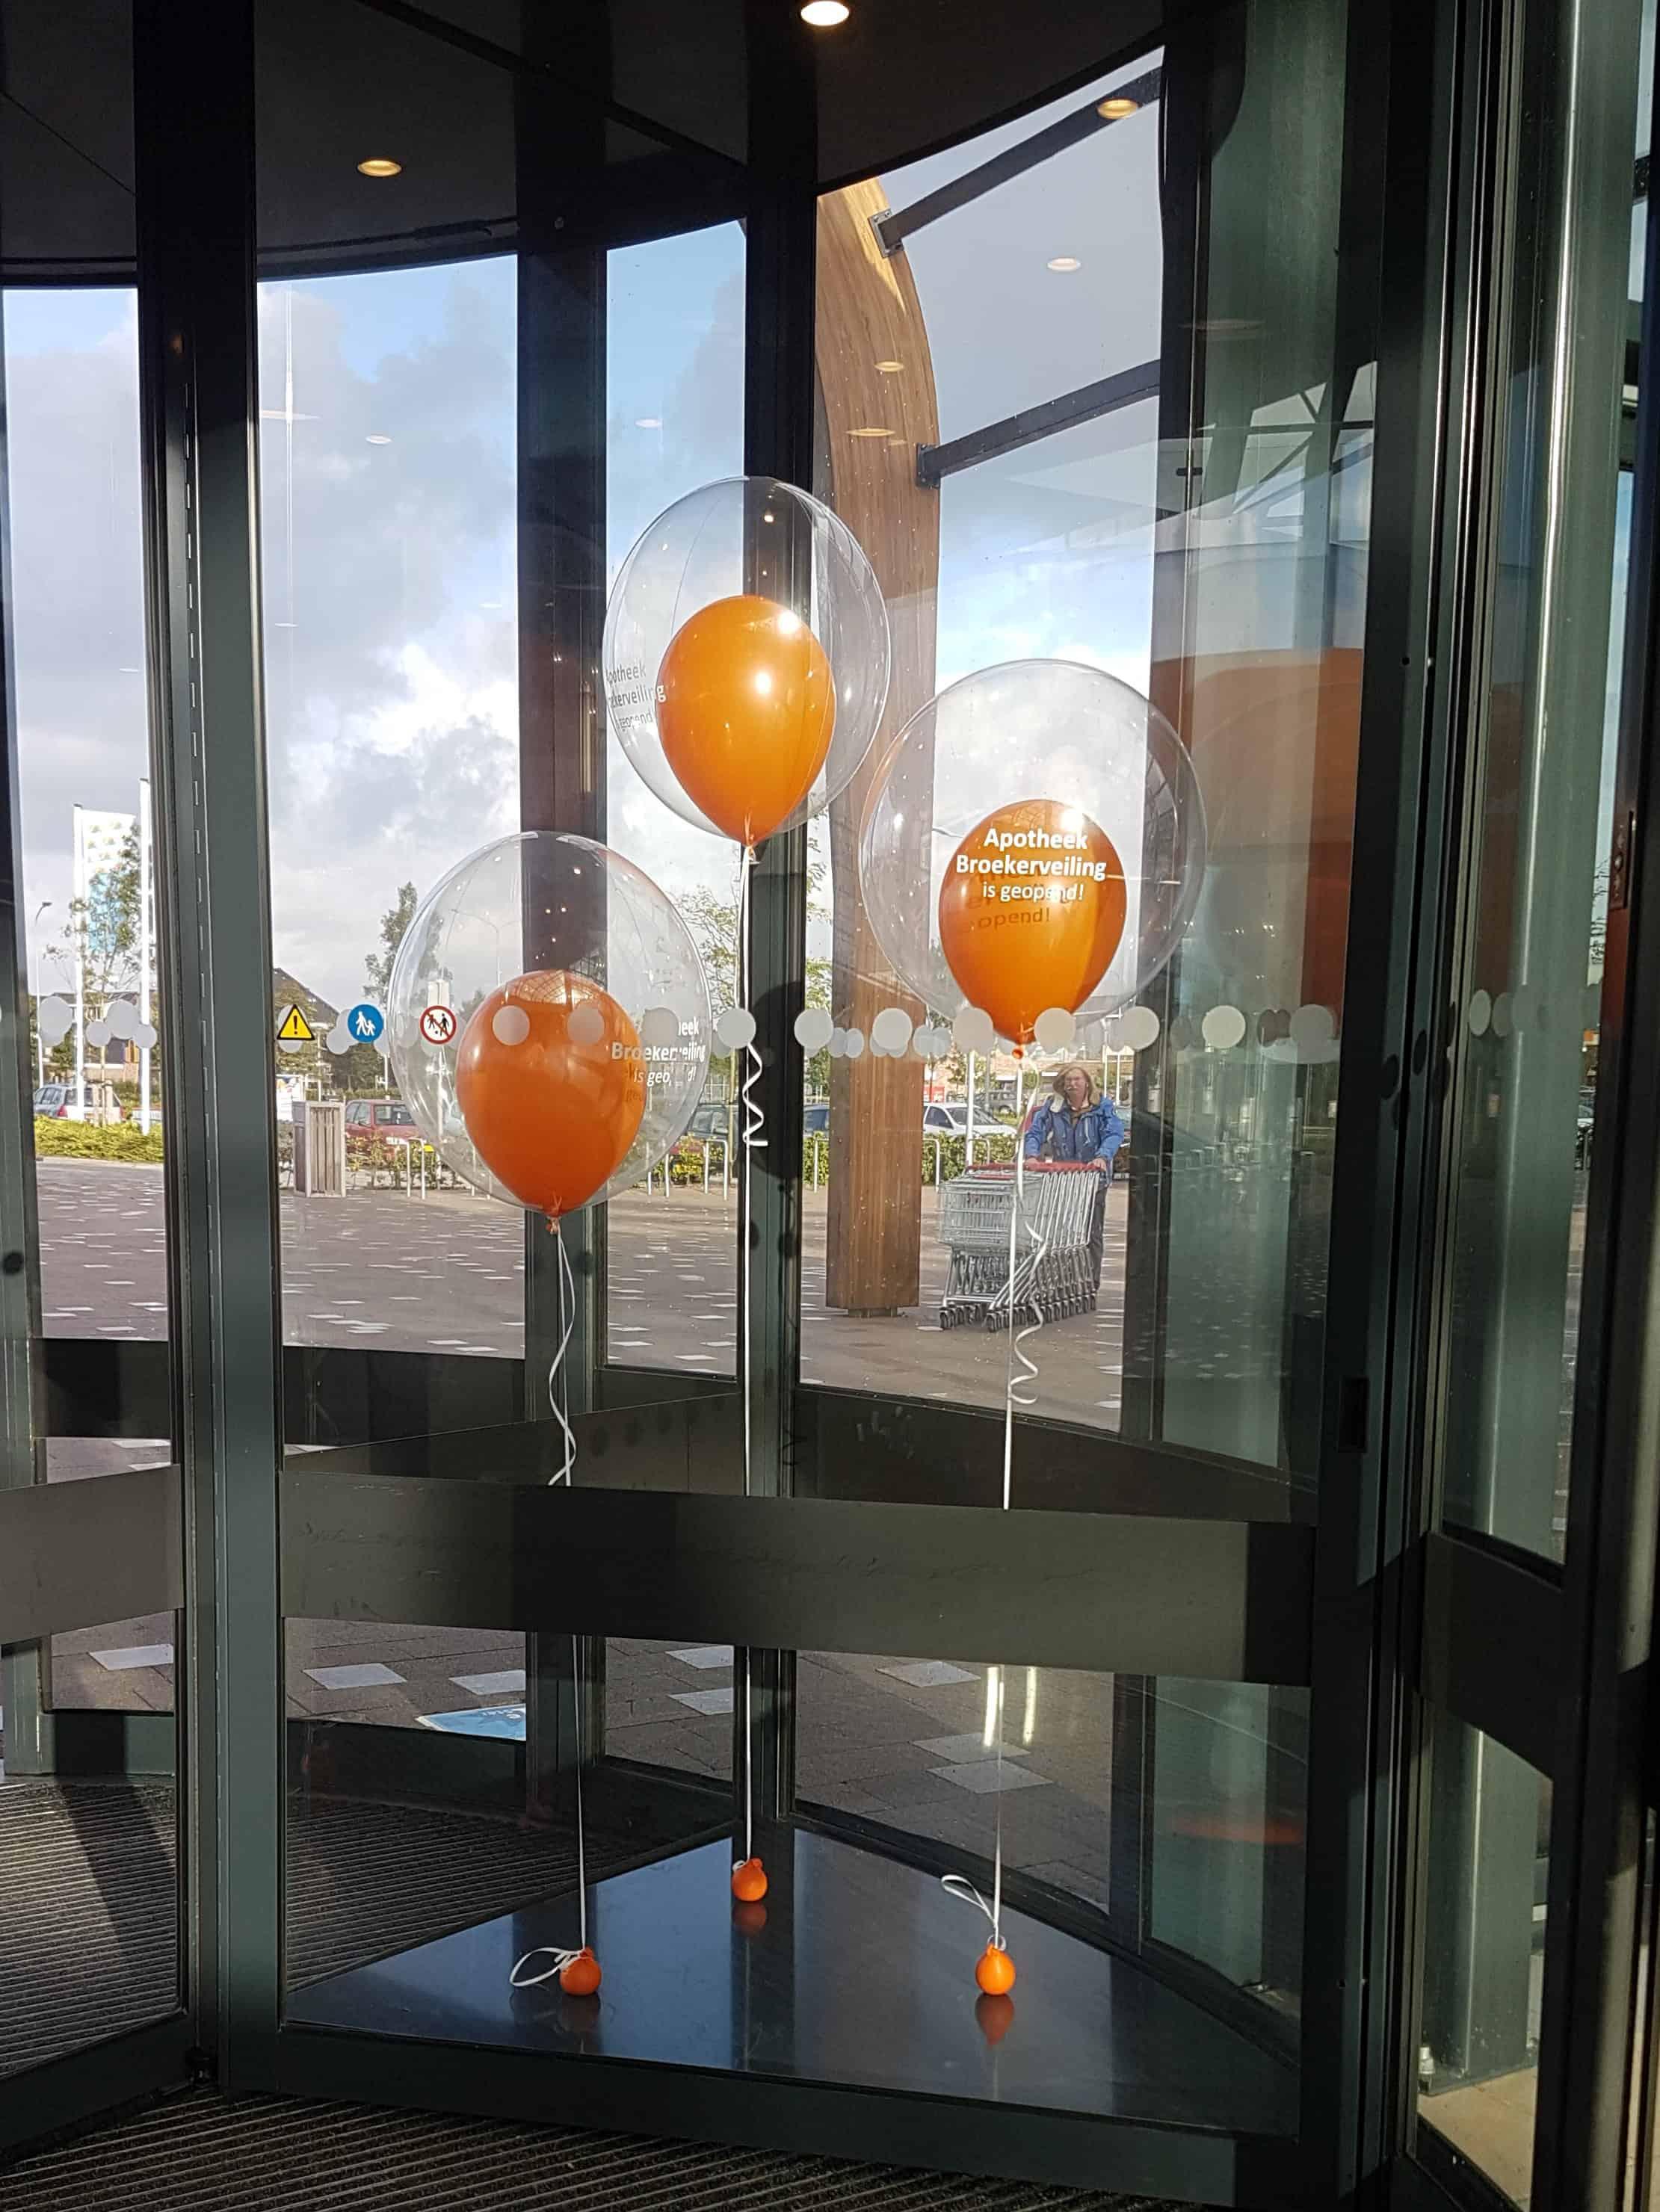 bedrukte ballon persoonlijke tekst opening  bedrijf apotheek De Decoratieballon Alkmaar